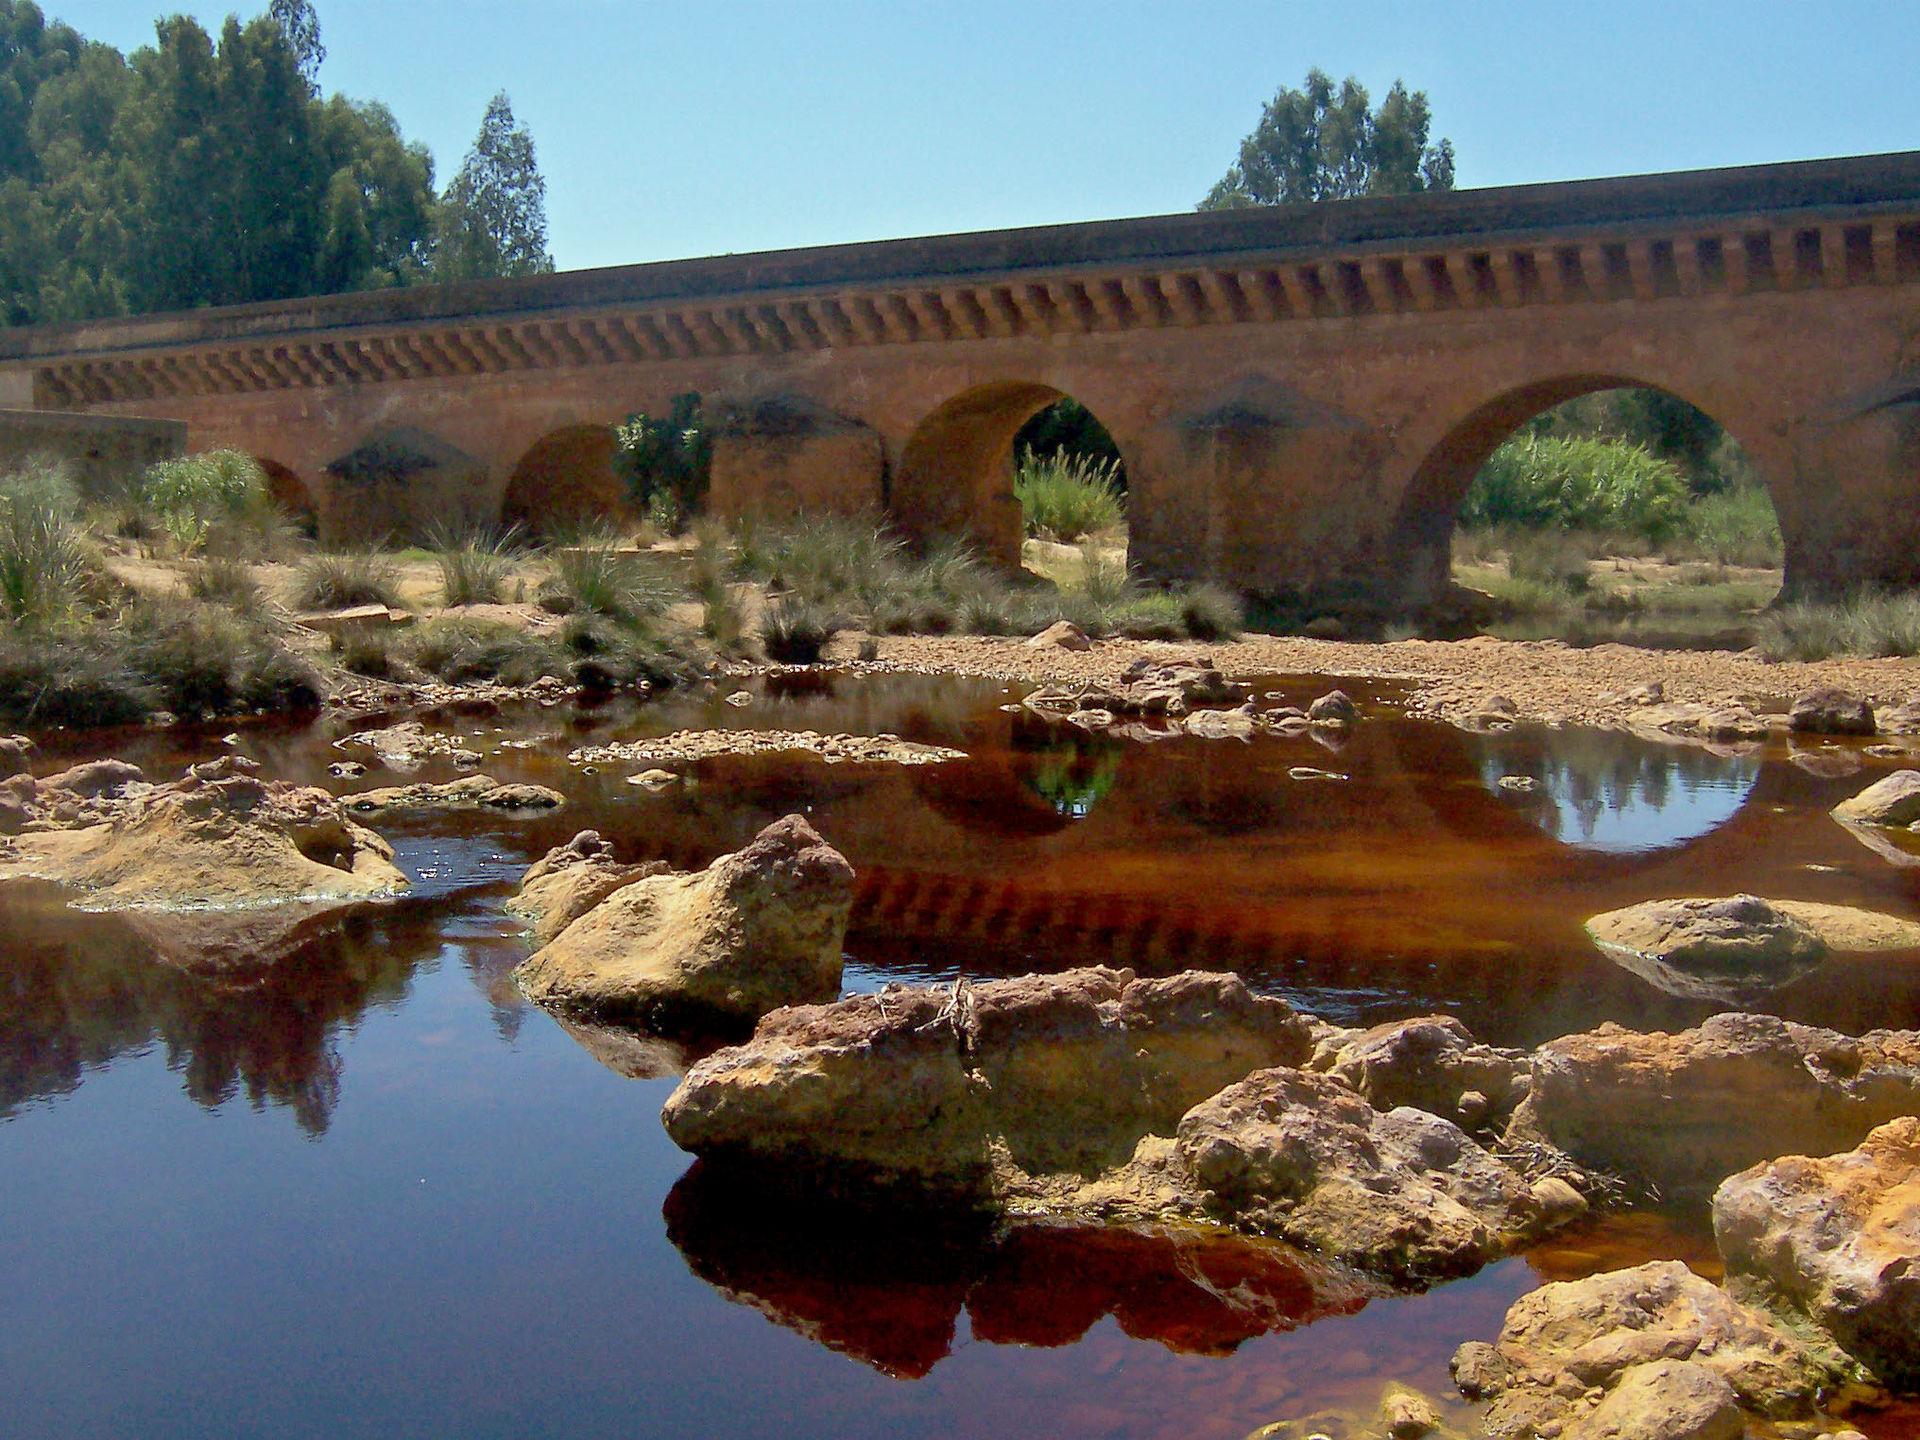 Le pont de Niebla province de Huelva al-Andalus